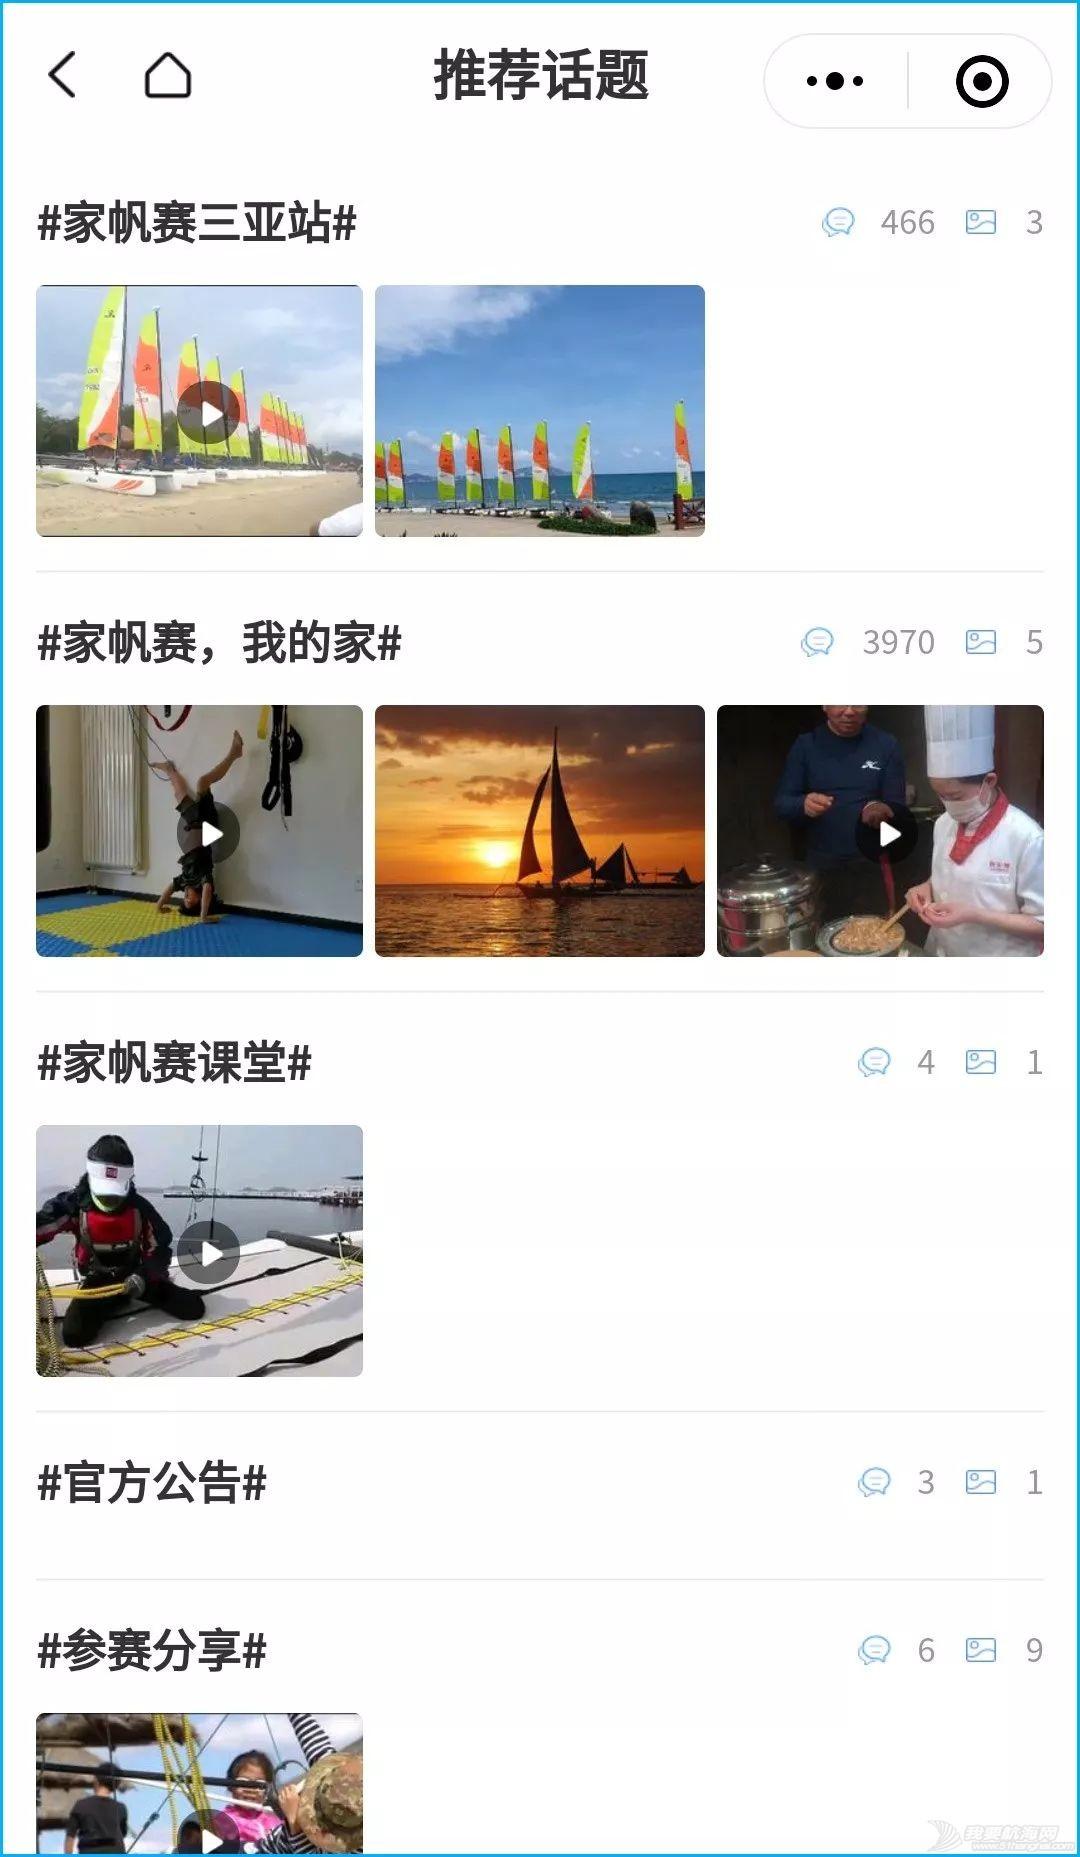 2019中国家庭帆船赛三亚站来了 三招带你玩转家帆赛官方互动小程序w6.jpg